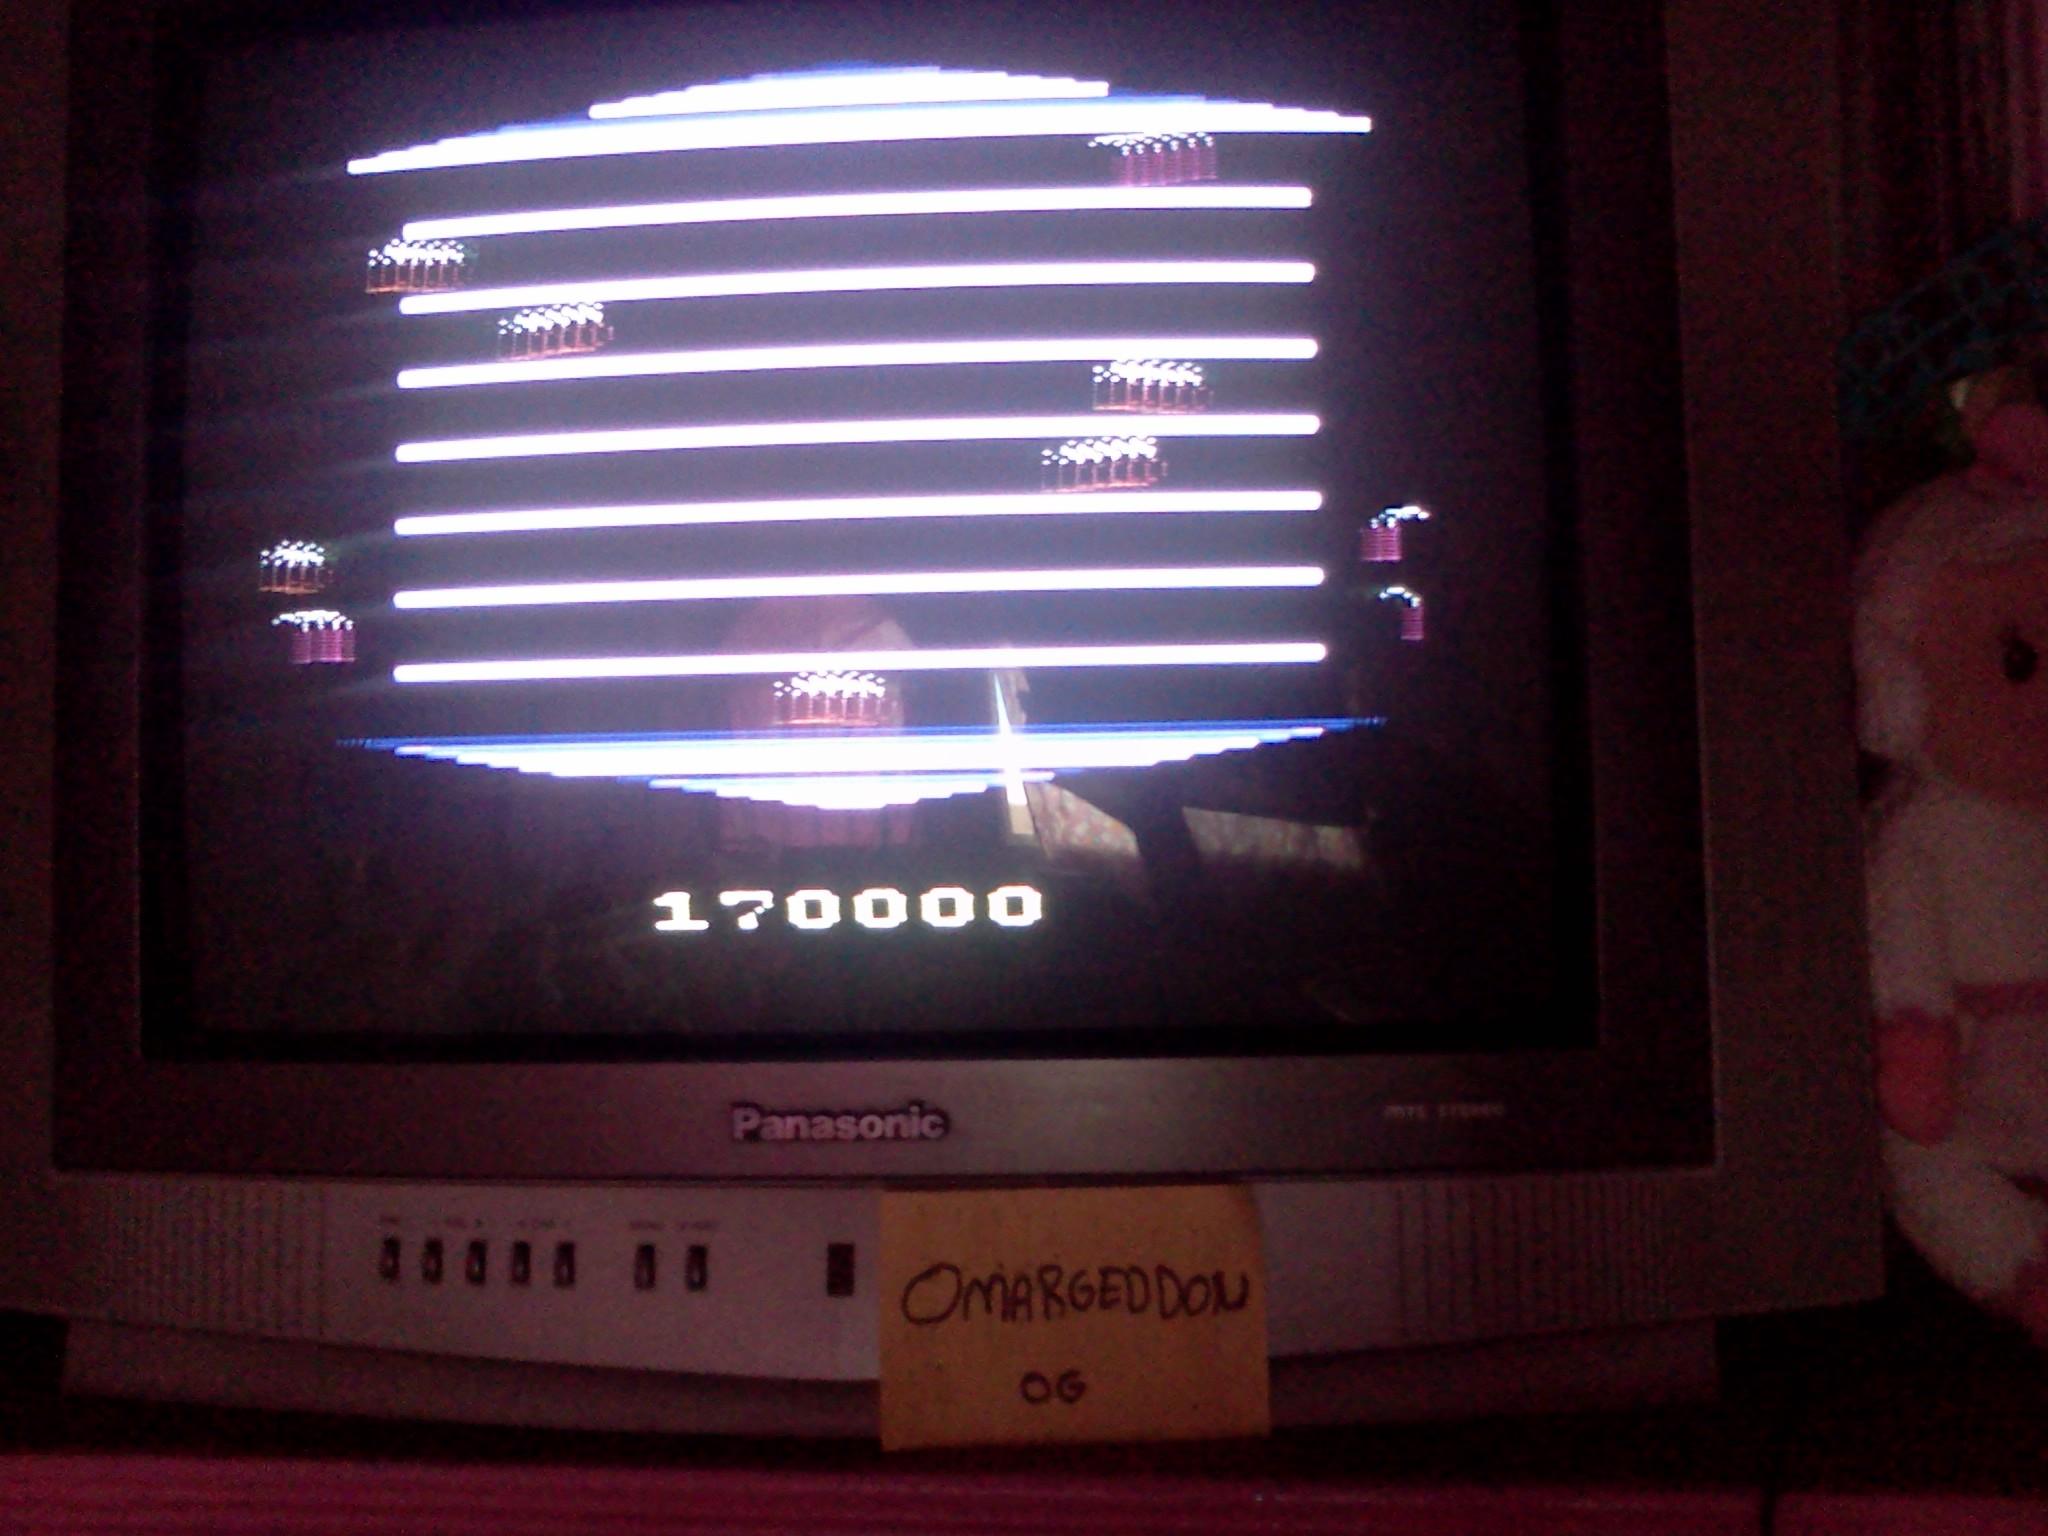 omargeddon: Taz (Atari 2600) 170,000 points on 2016-07-23 11:53:21